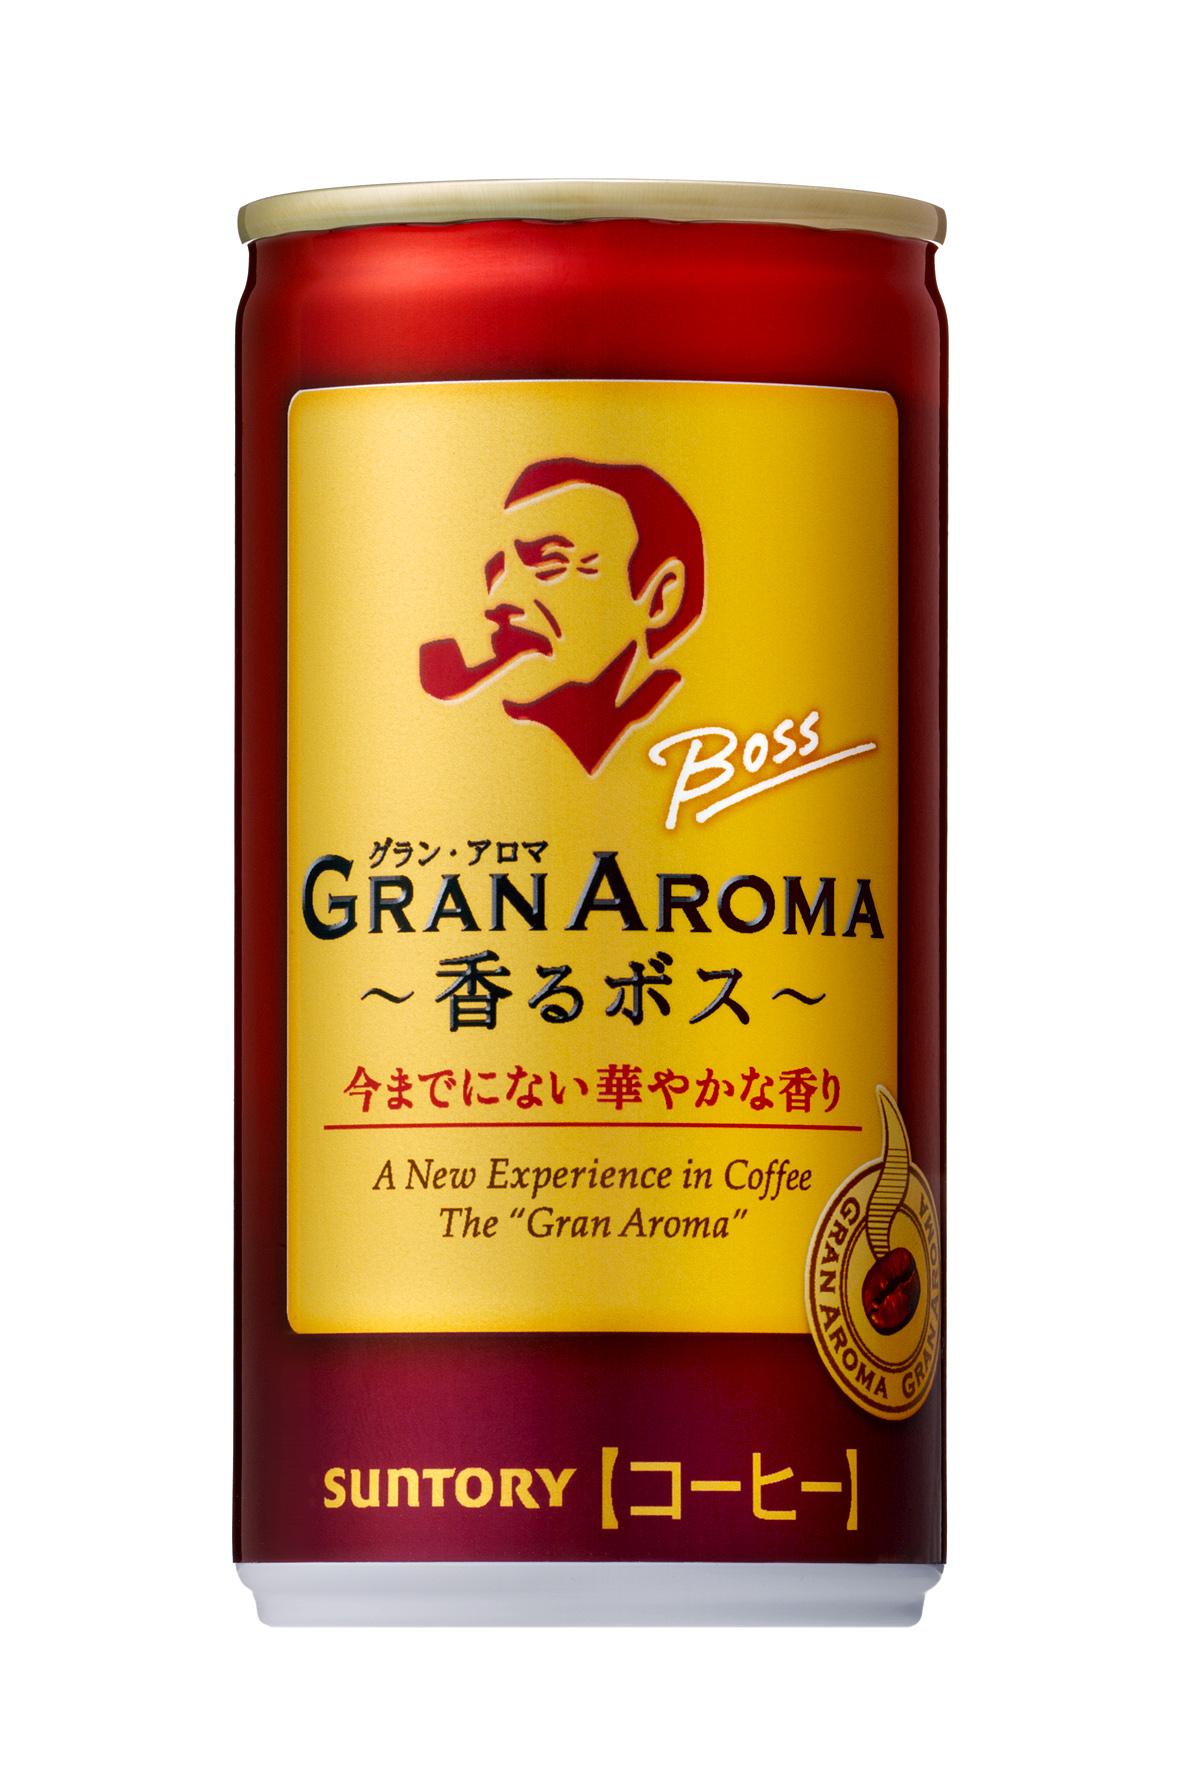 """ボス史上、""""もっとも香る""""ボス「ボス グランアロマ -香るボス-」新発売  高解像度画像 サント"""